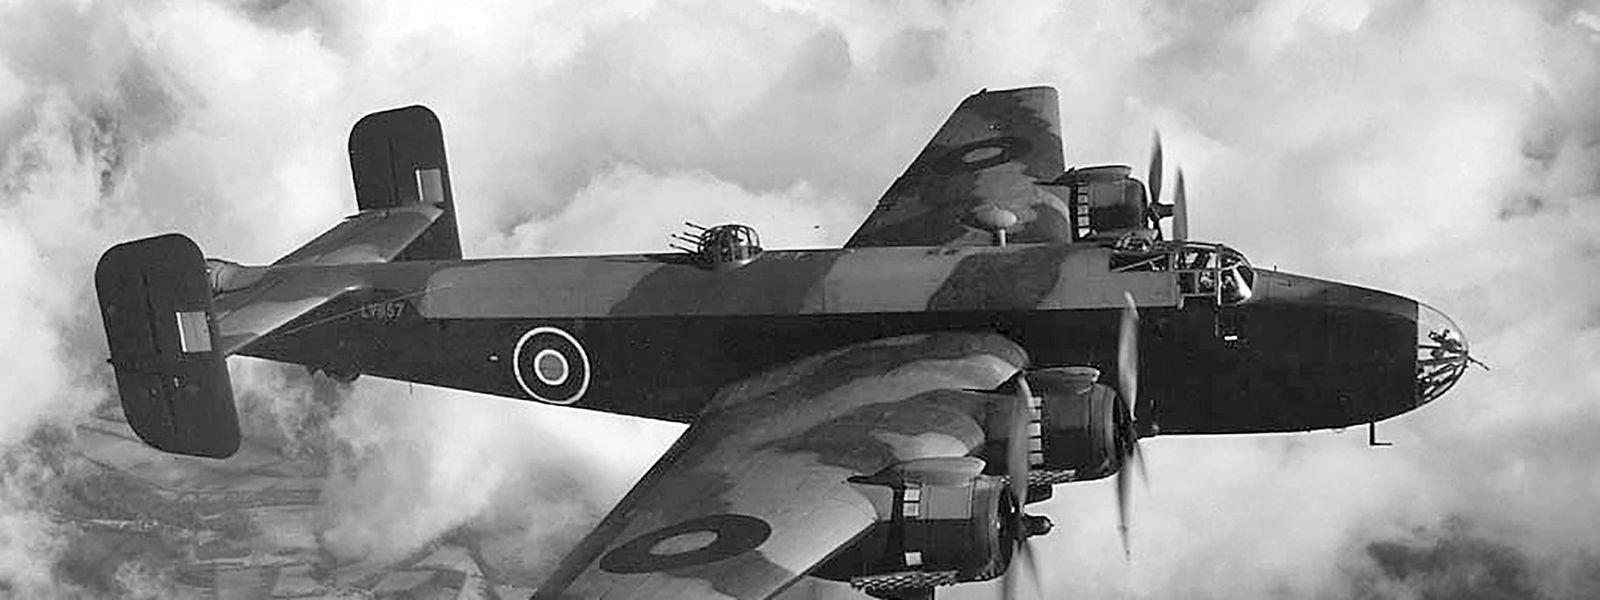 Die sieben Männer saßen in einem Bomber vom Typ Halifax des britischen Herstellers Handley Page.